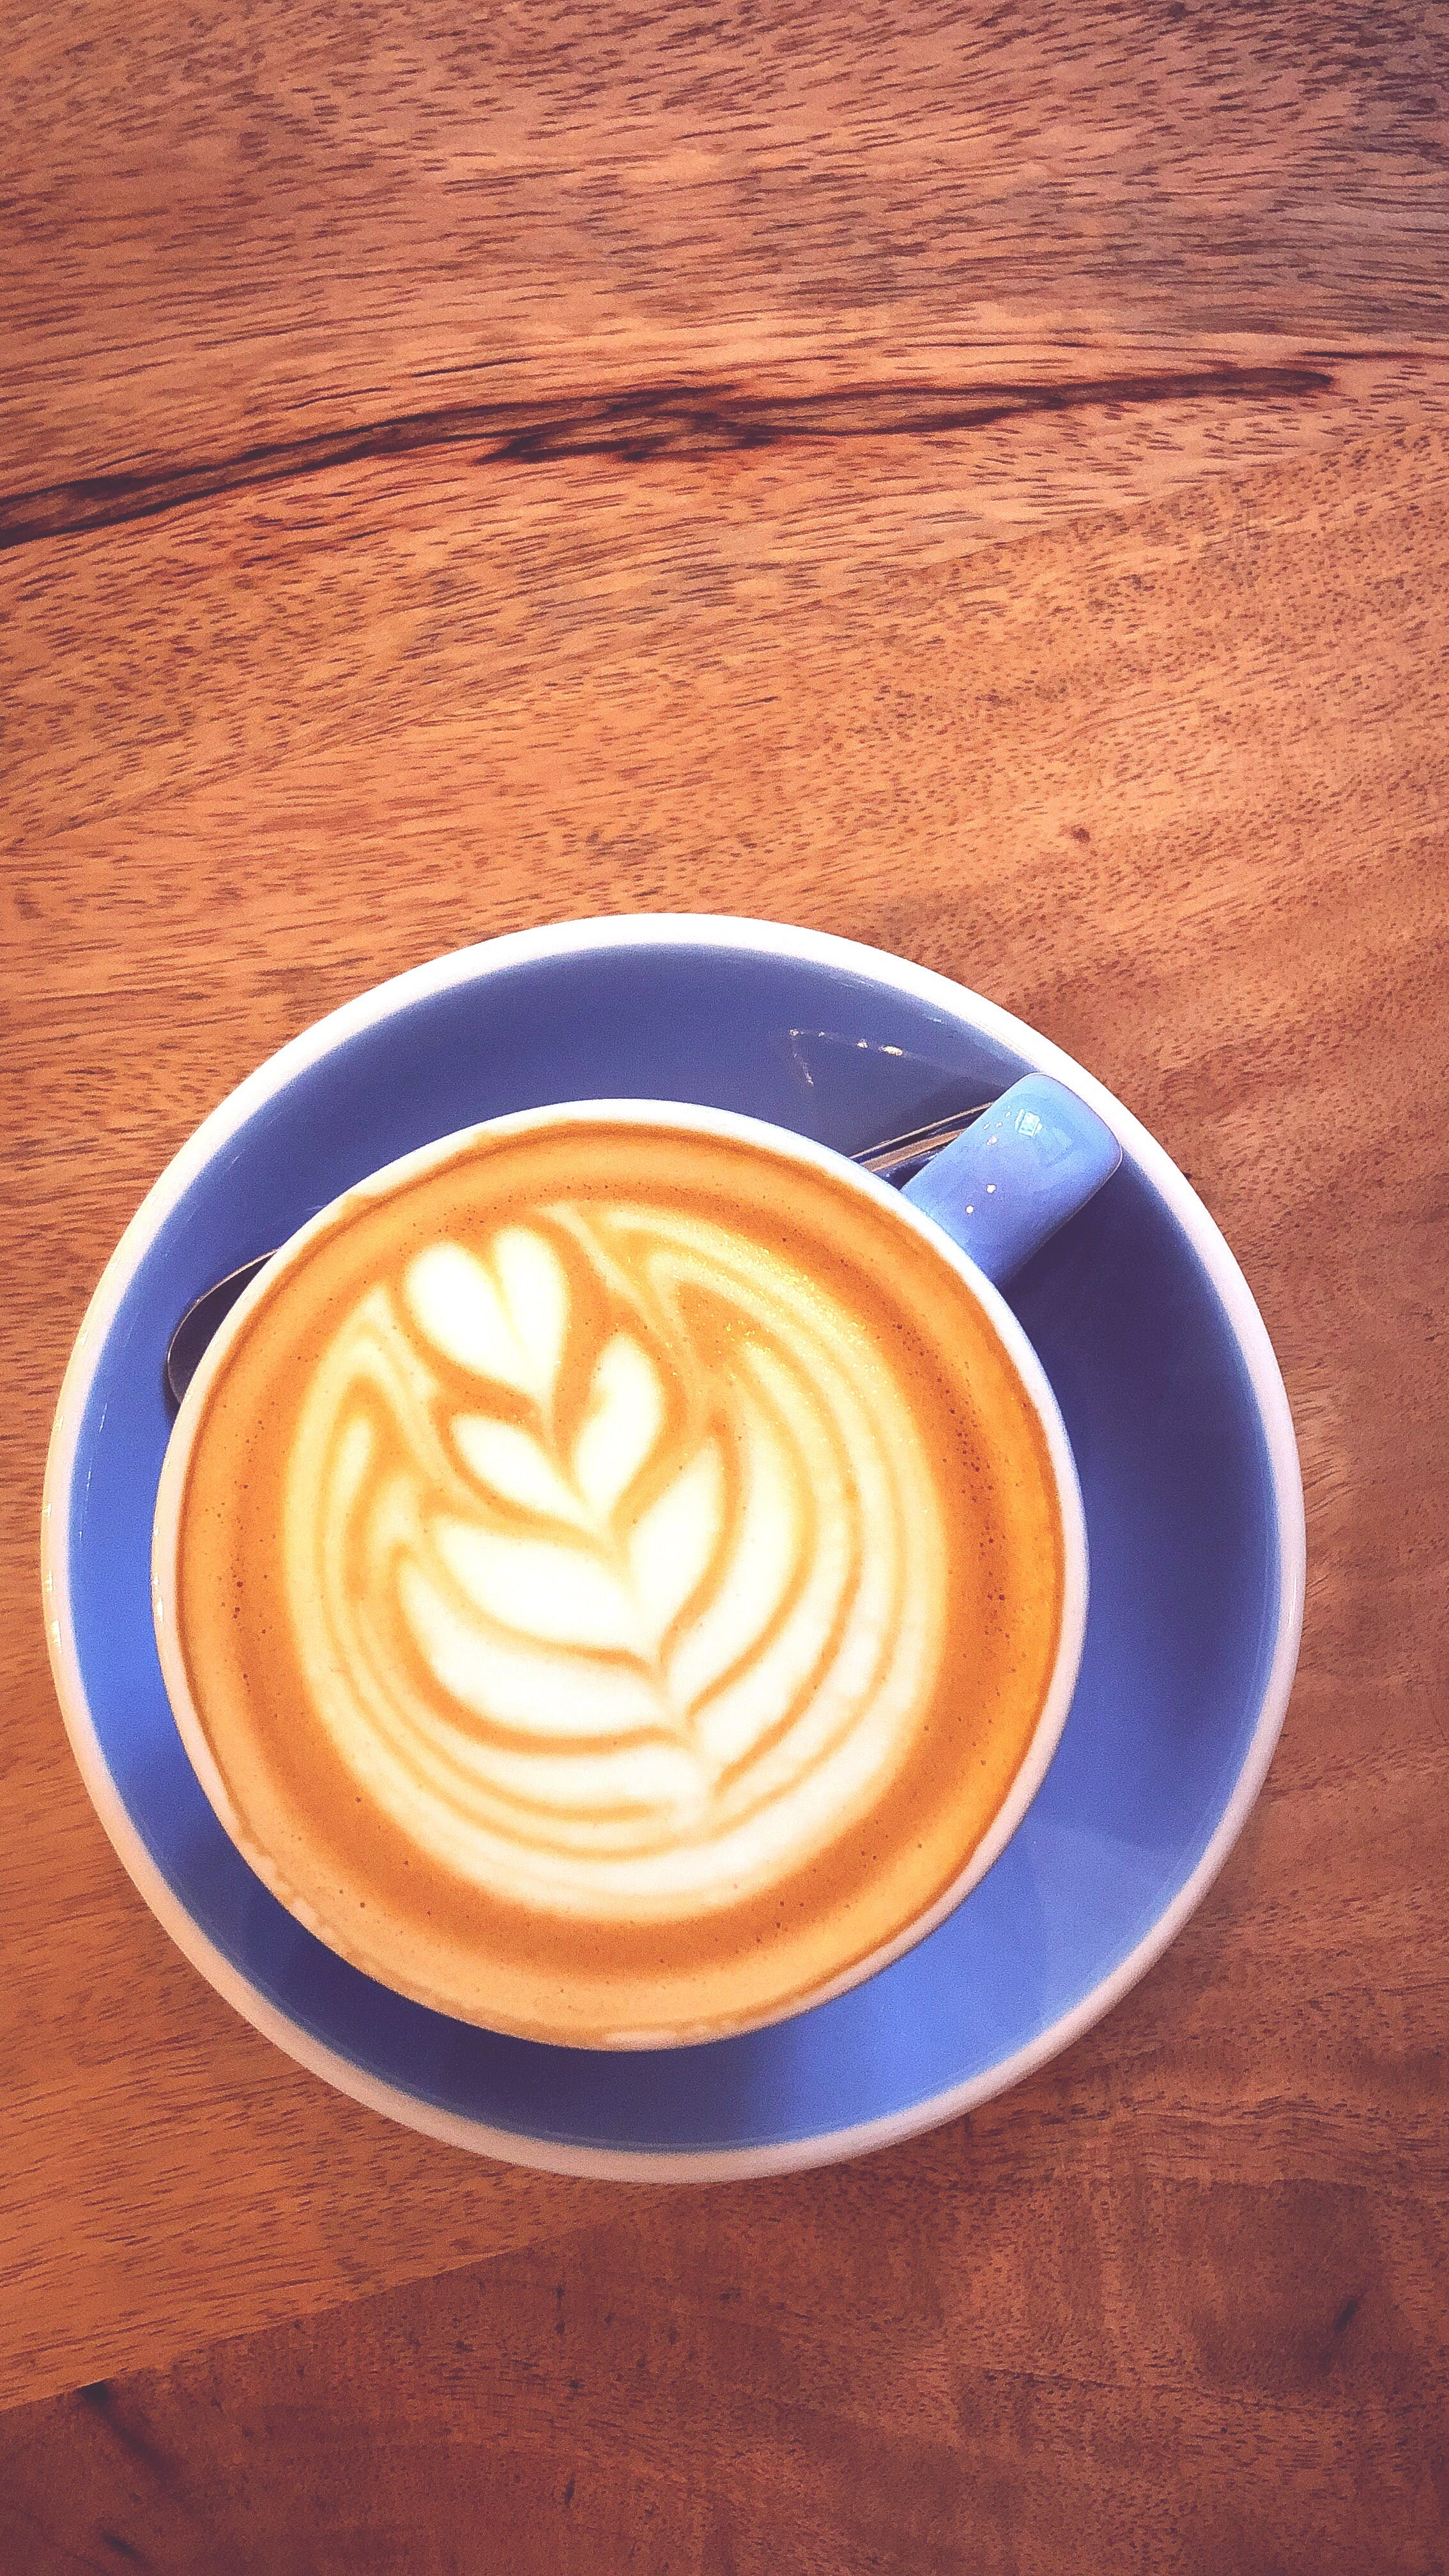 Gratis stockfoto met drinken, koffie, koffiedrankje, koffiekop